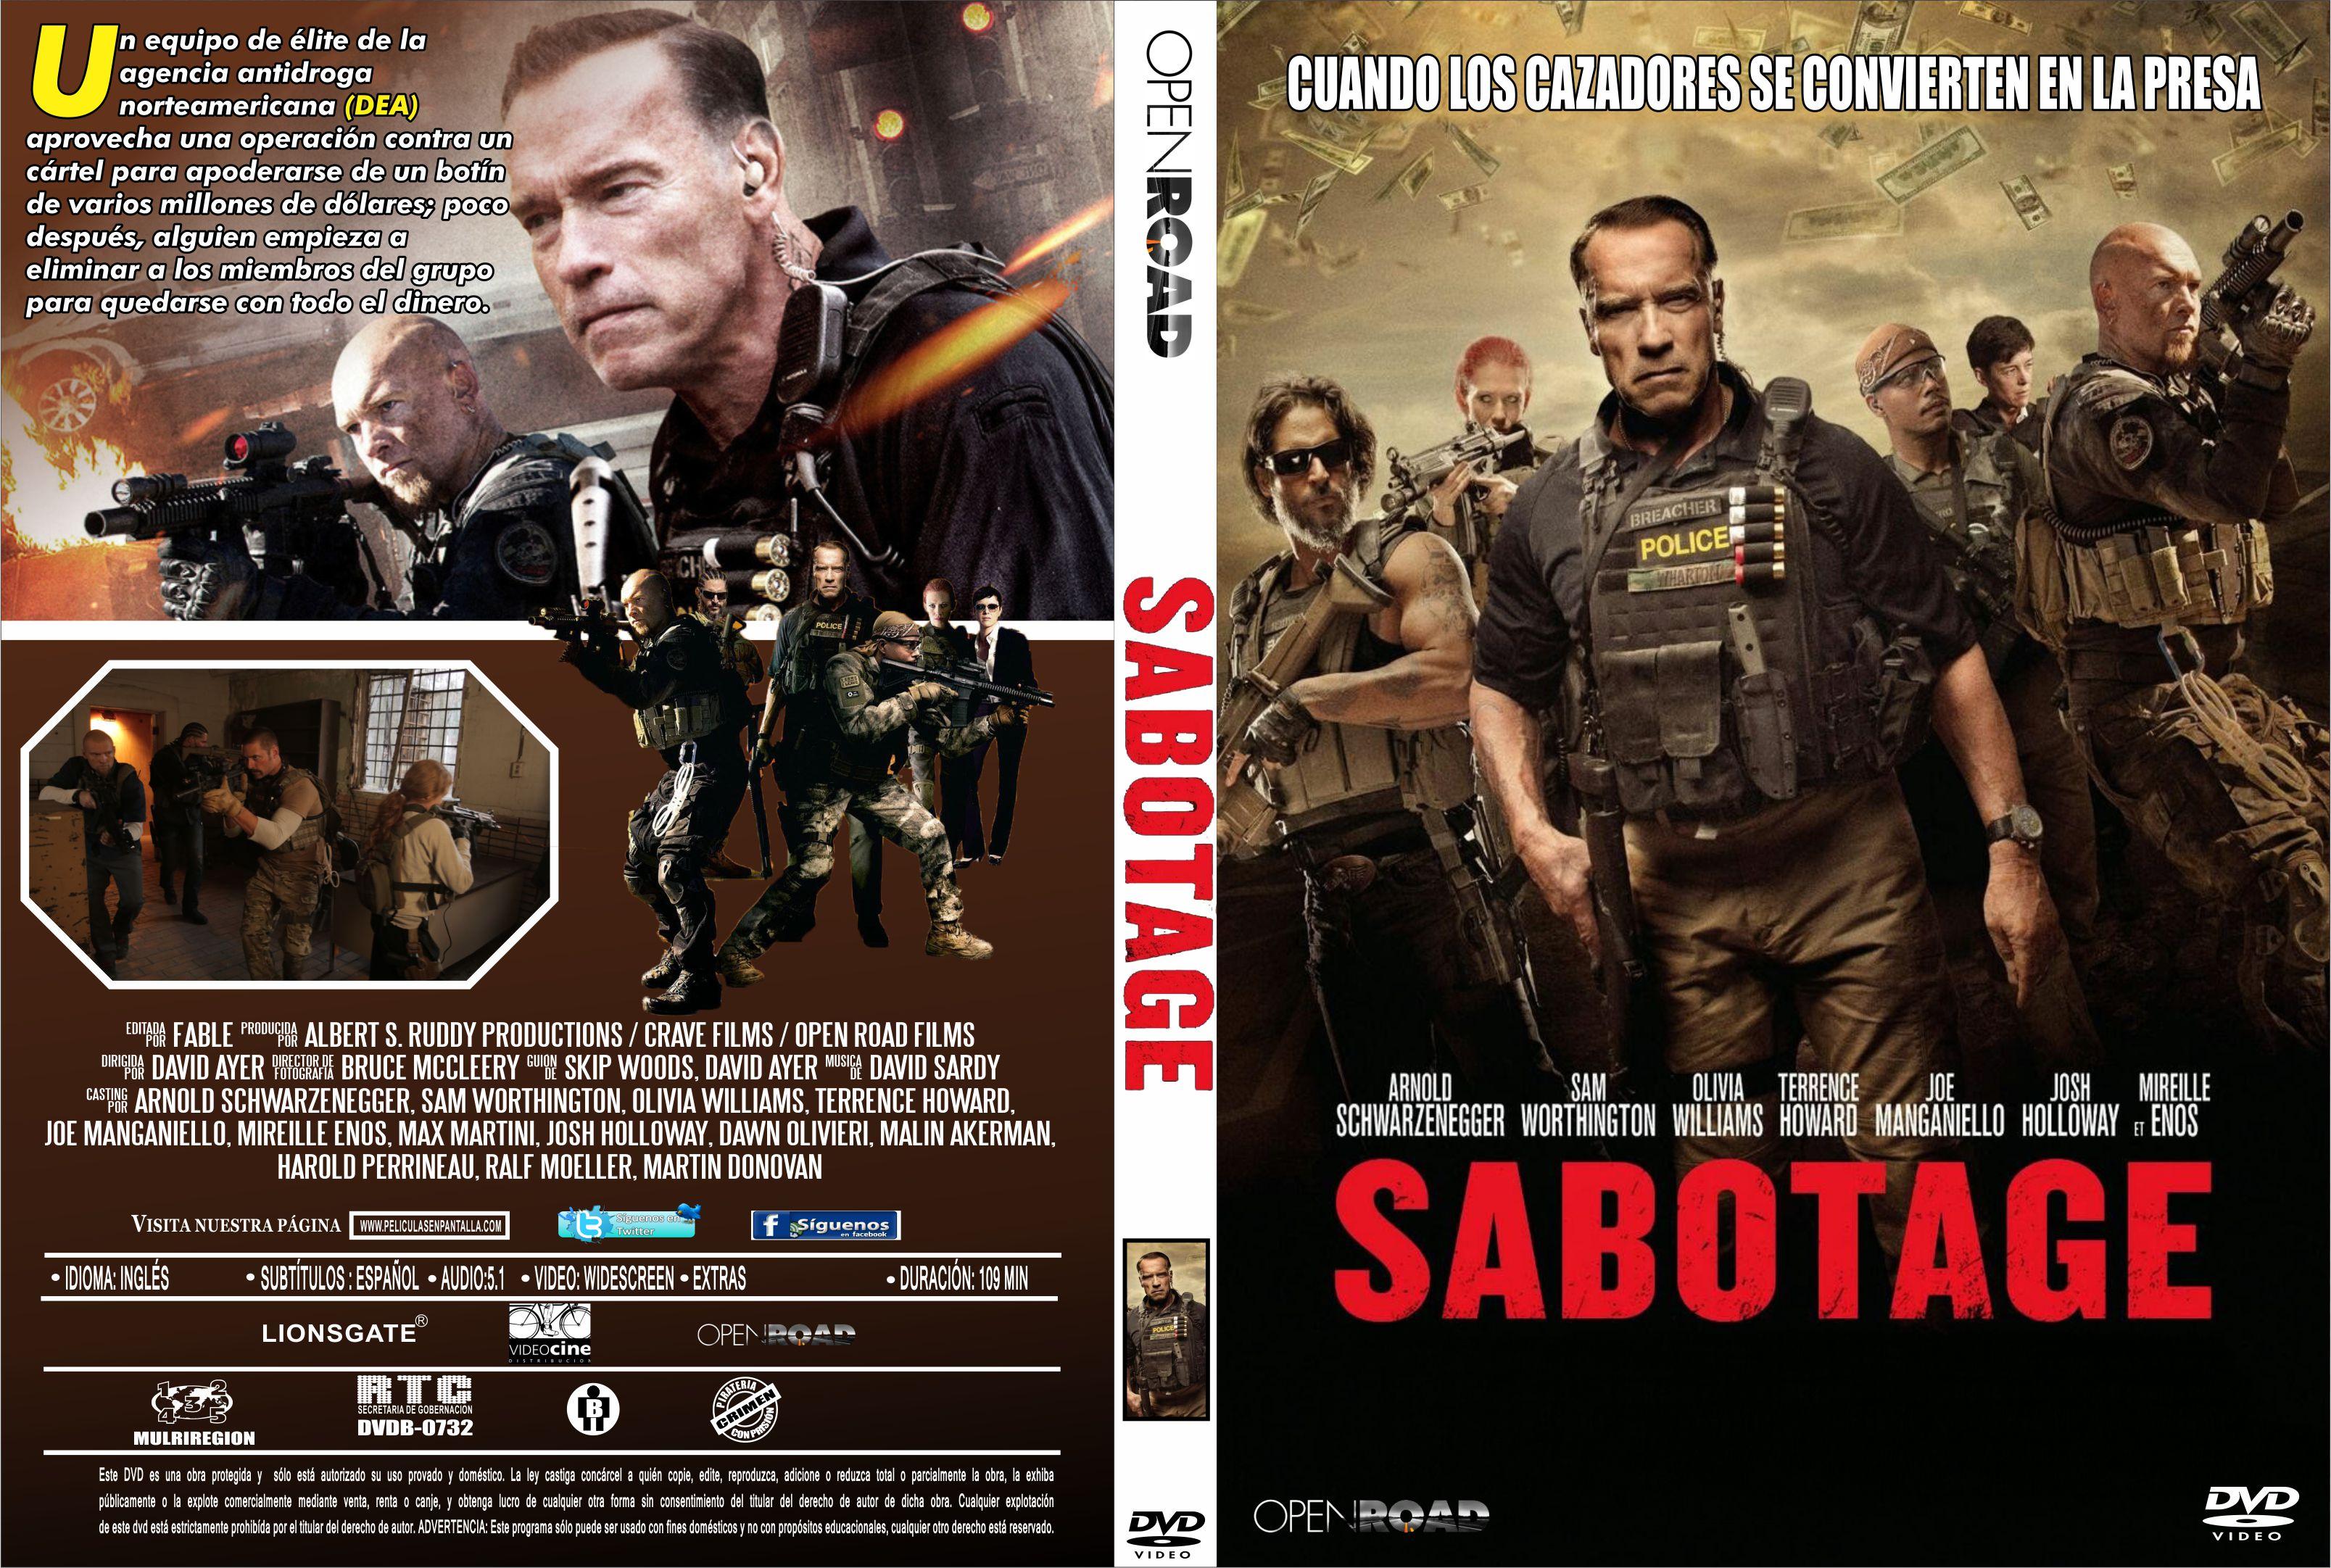 Sabotage (2014) [Dvdrip Latino] [Zippyshare]